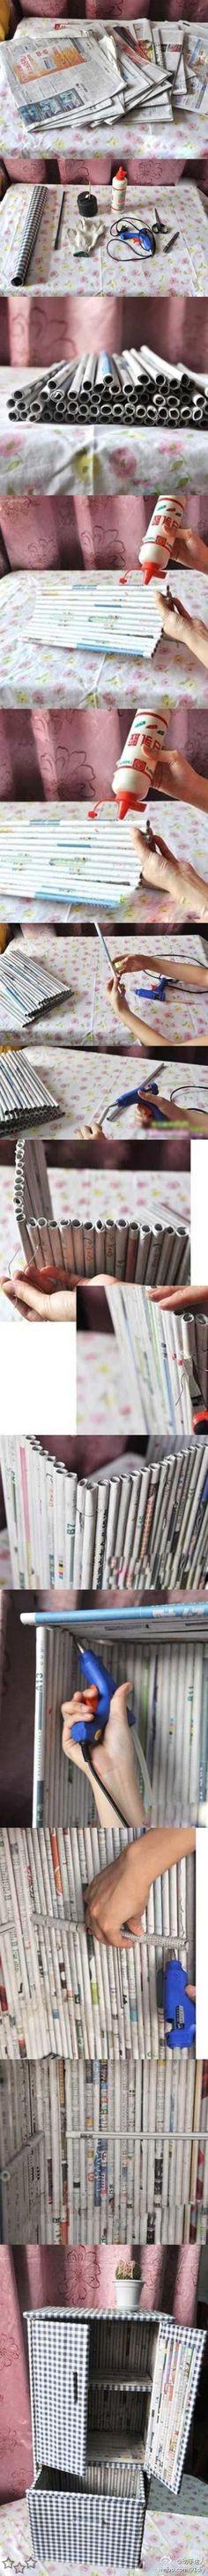 Reciclar los periodicos - Armario con papel de periódico - Javies.com